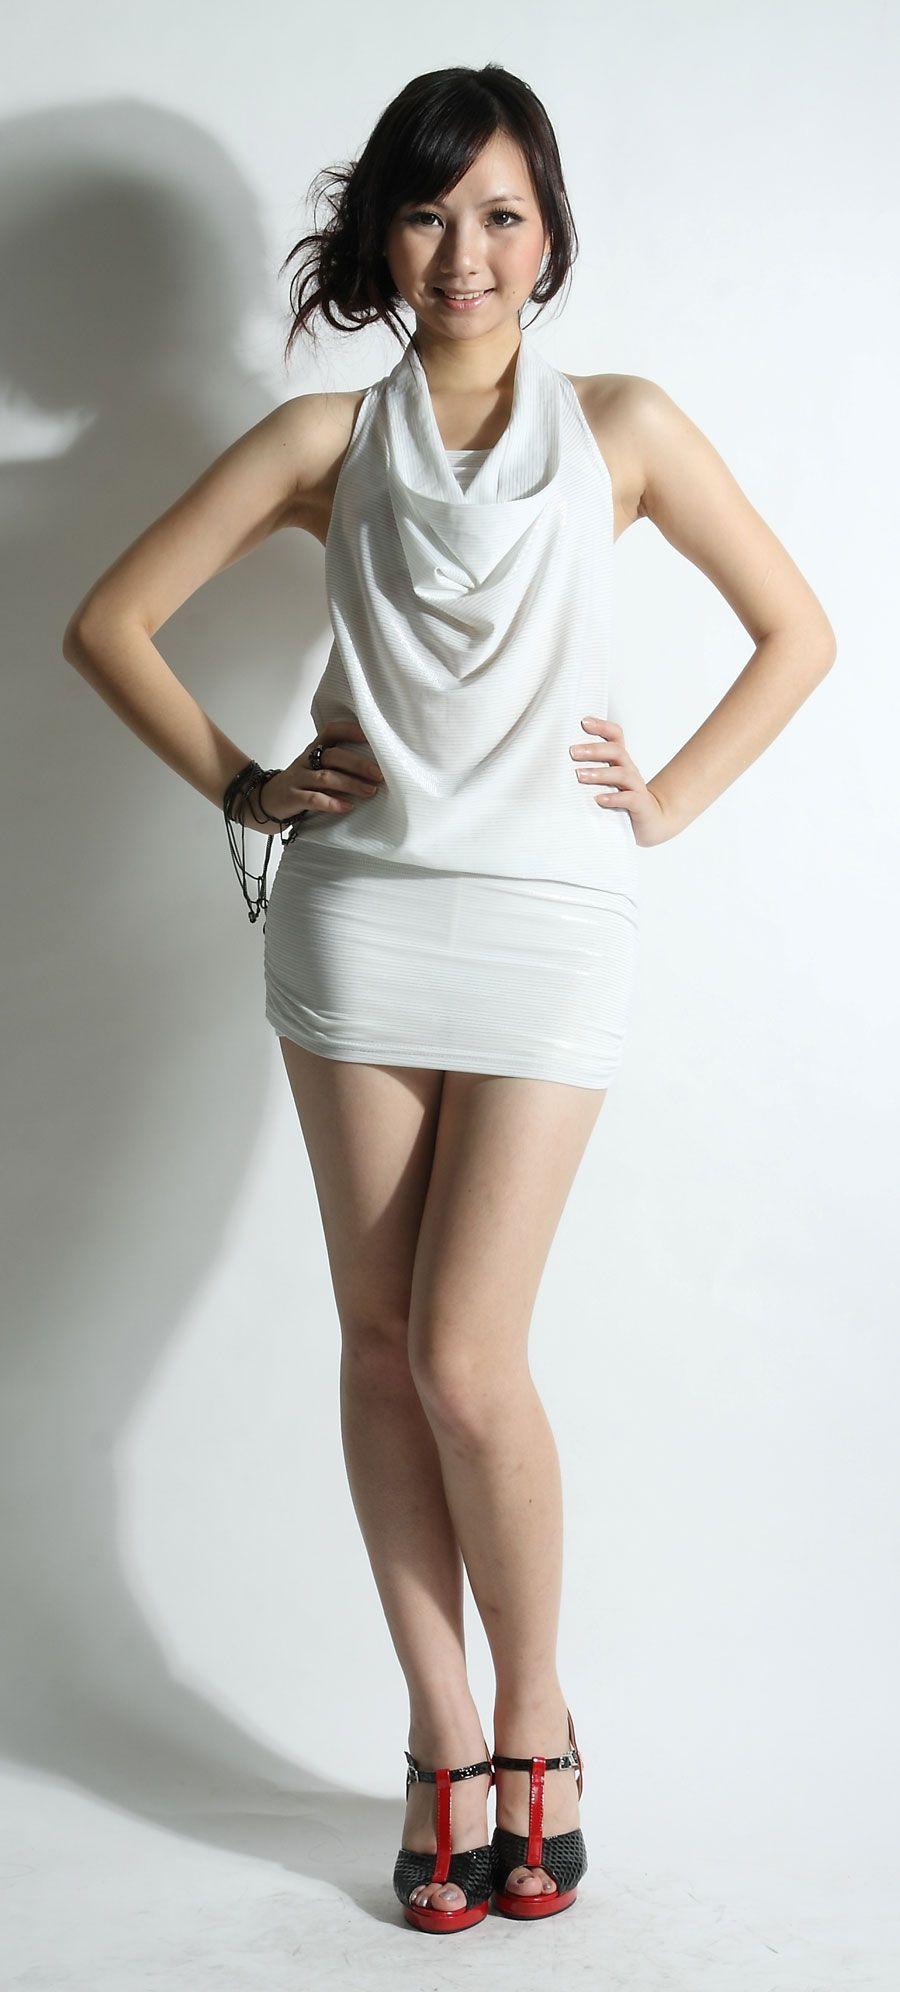 Sexy girl short skirt